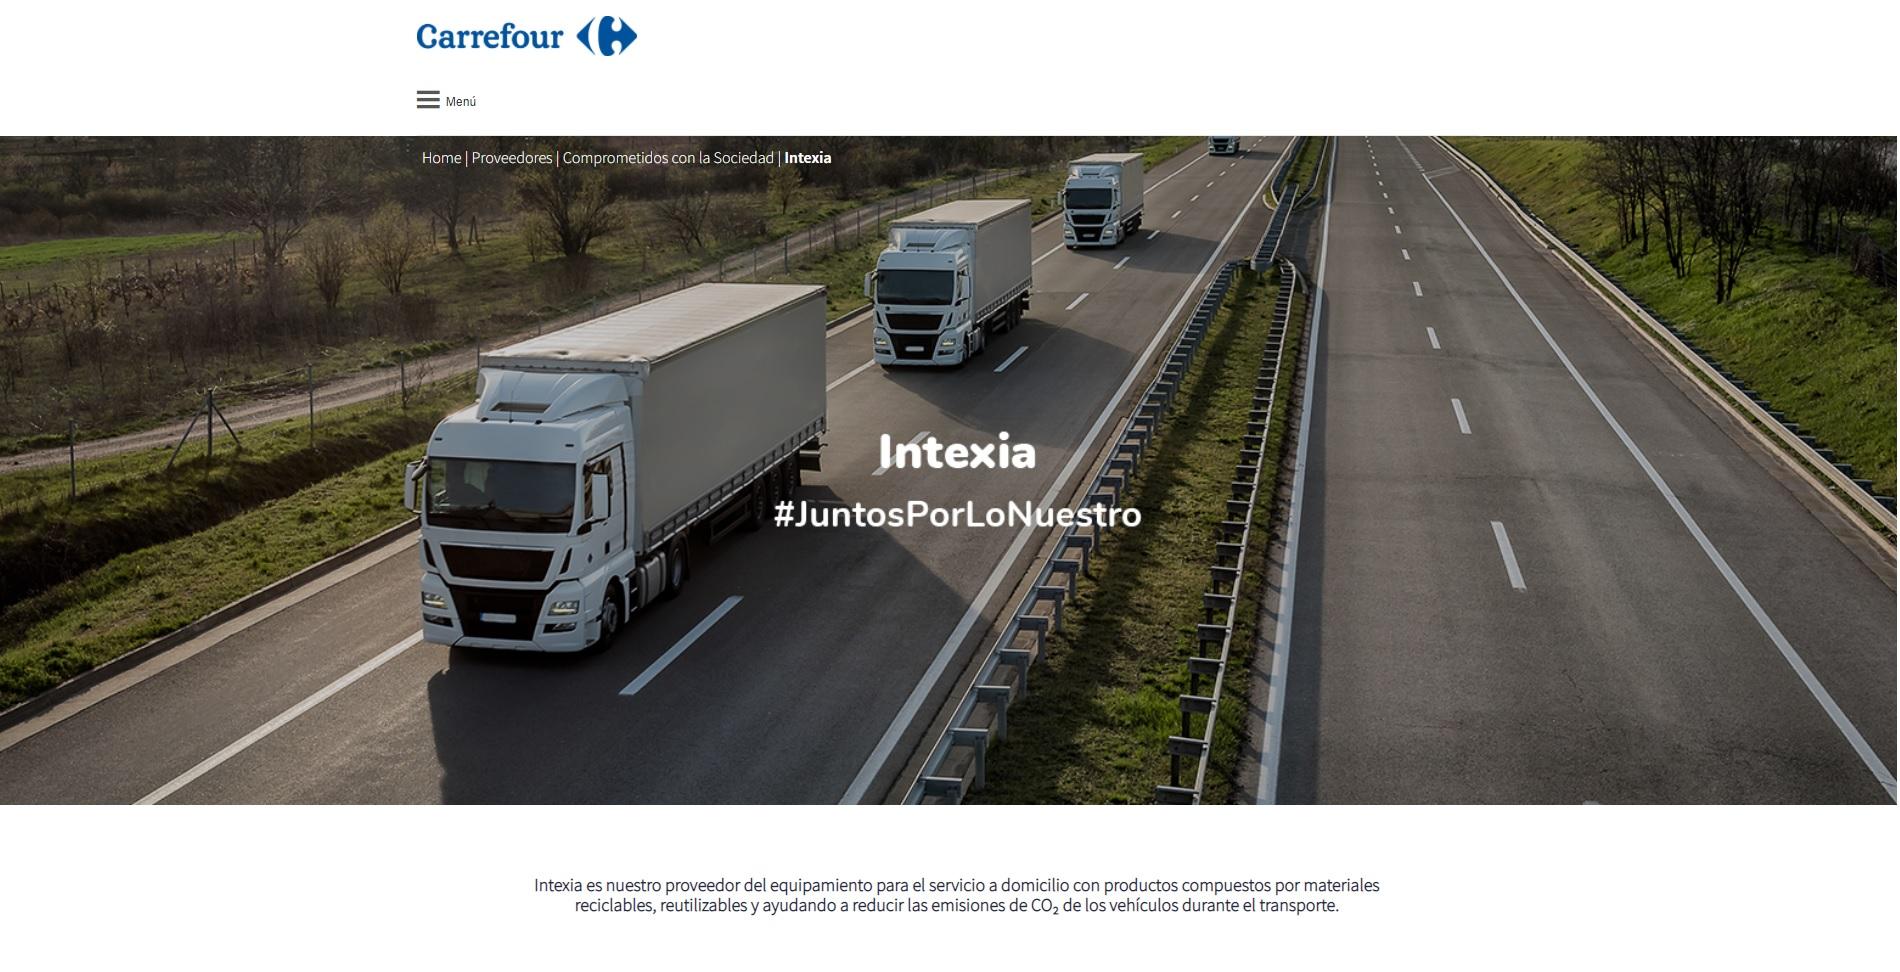 Juntosporlonuestro - INTEXIA en la plataforma de Carrefour #JuntosPorLoNuestro